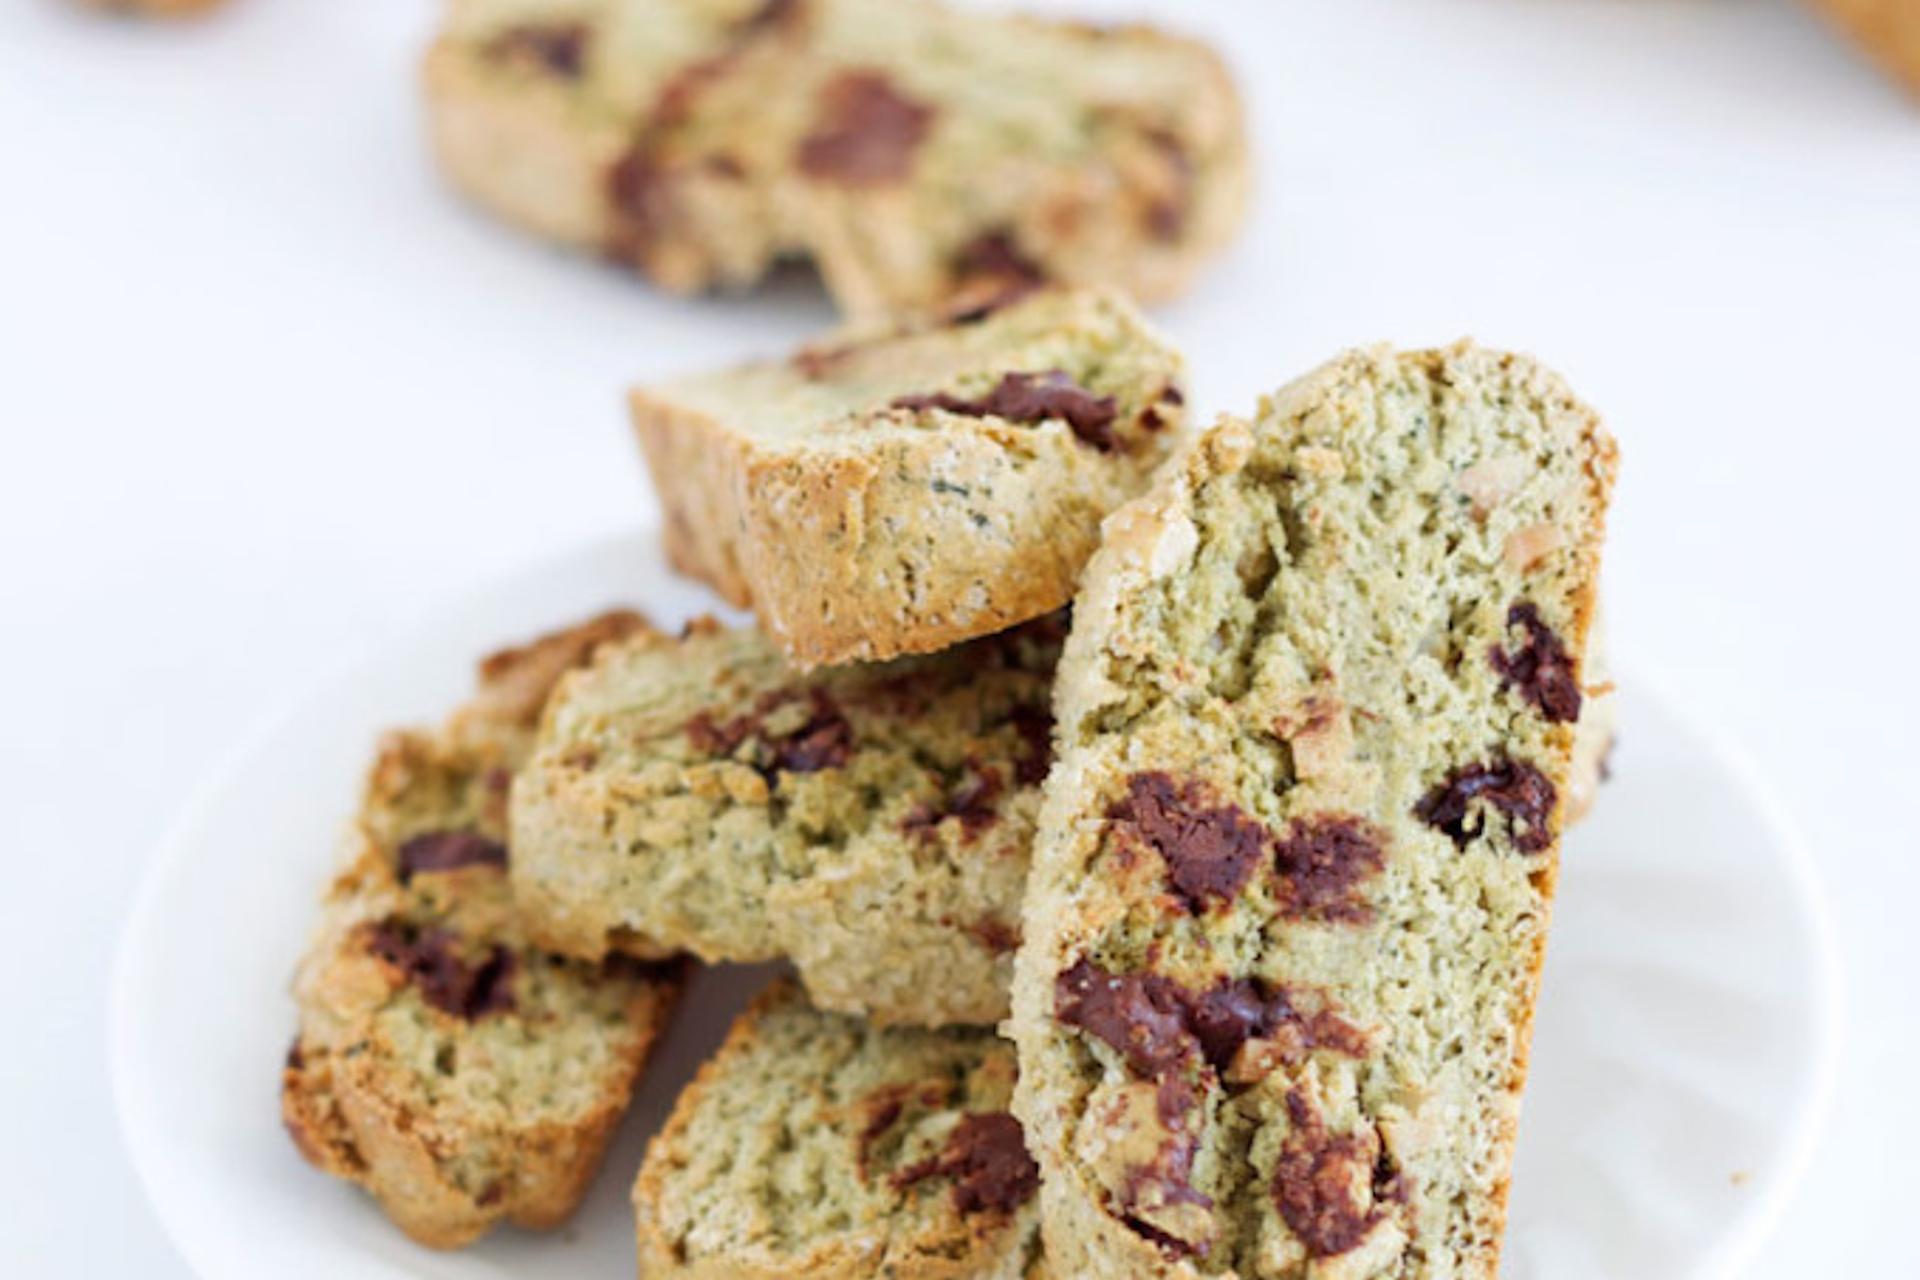 Almond matcha biscotti